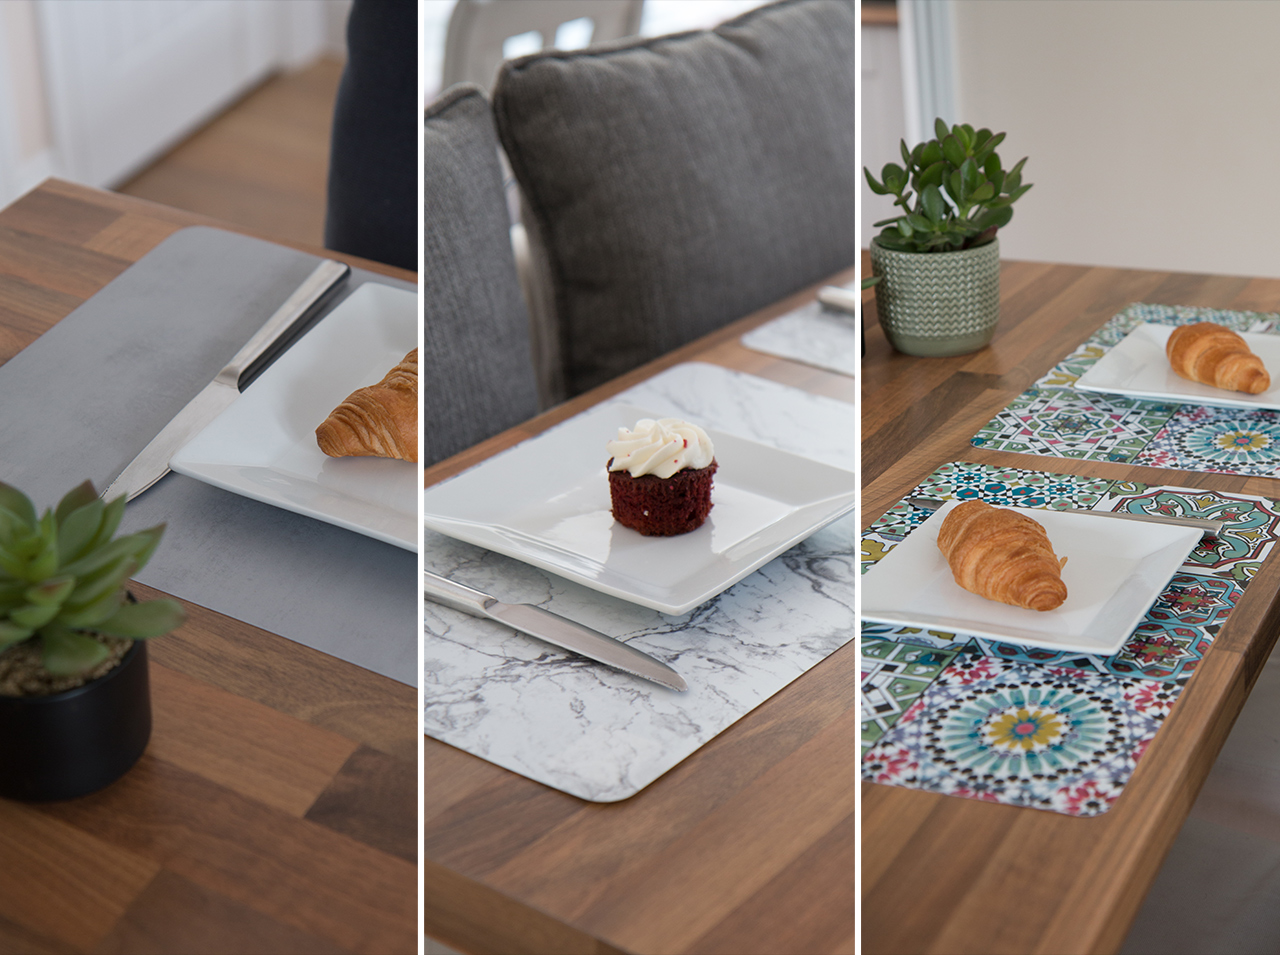 dcfix Tisch Tischset DIY Deko Esszimmer Esstisch